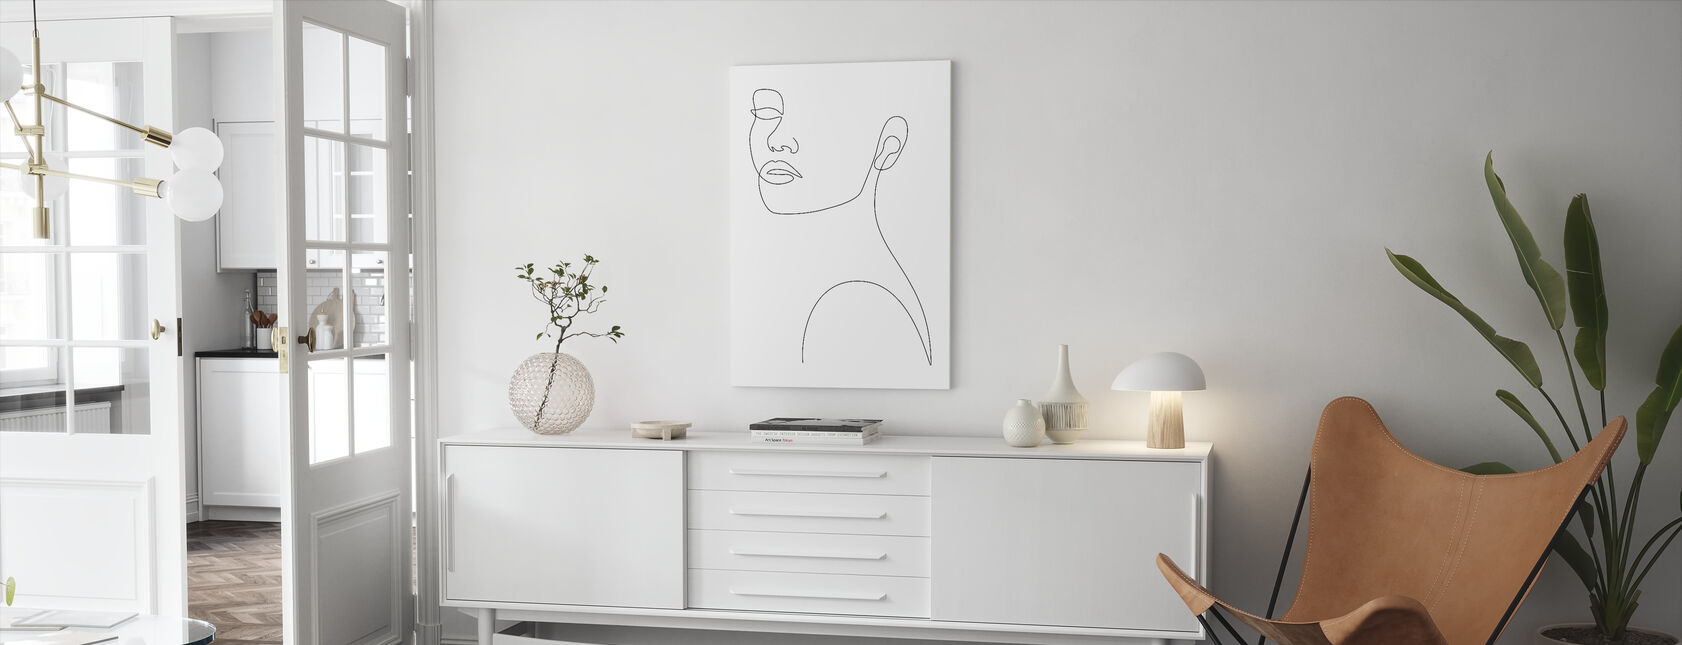 Portret dziewczęcy - Obraz na płótnie - Pokój dzienny